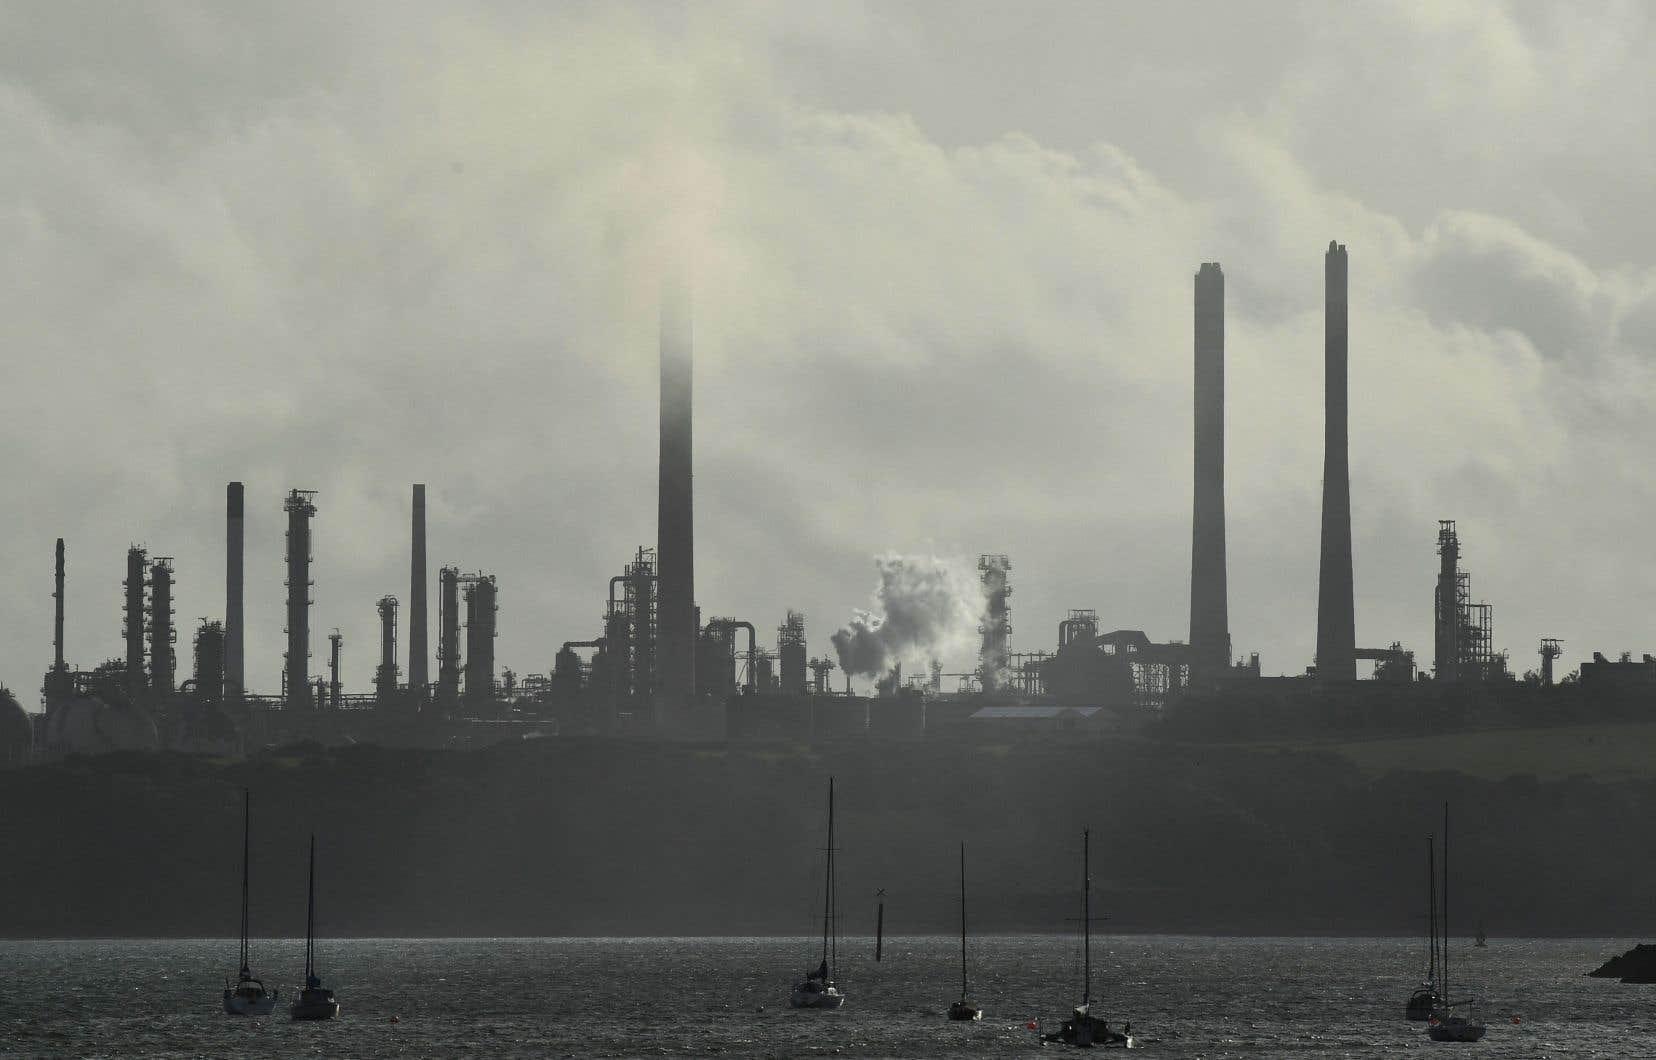 Le désinvestissement se focalise encore uniquement sur les secteurs les plus émetteurs de CO2.